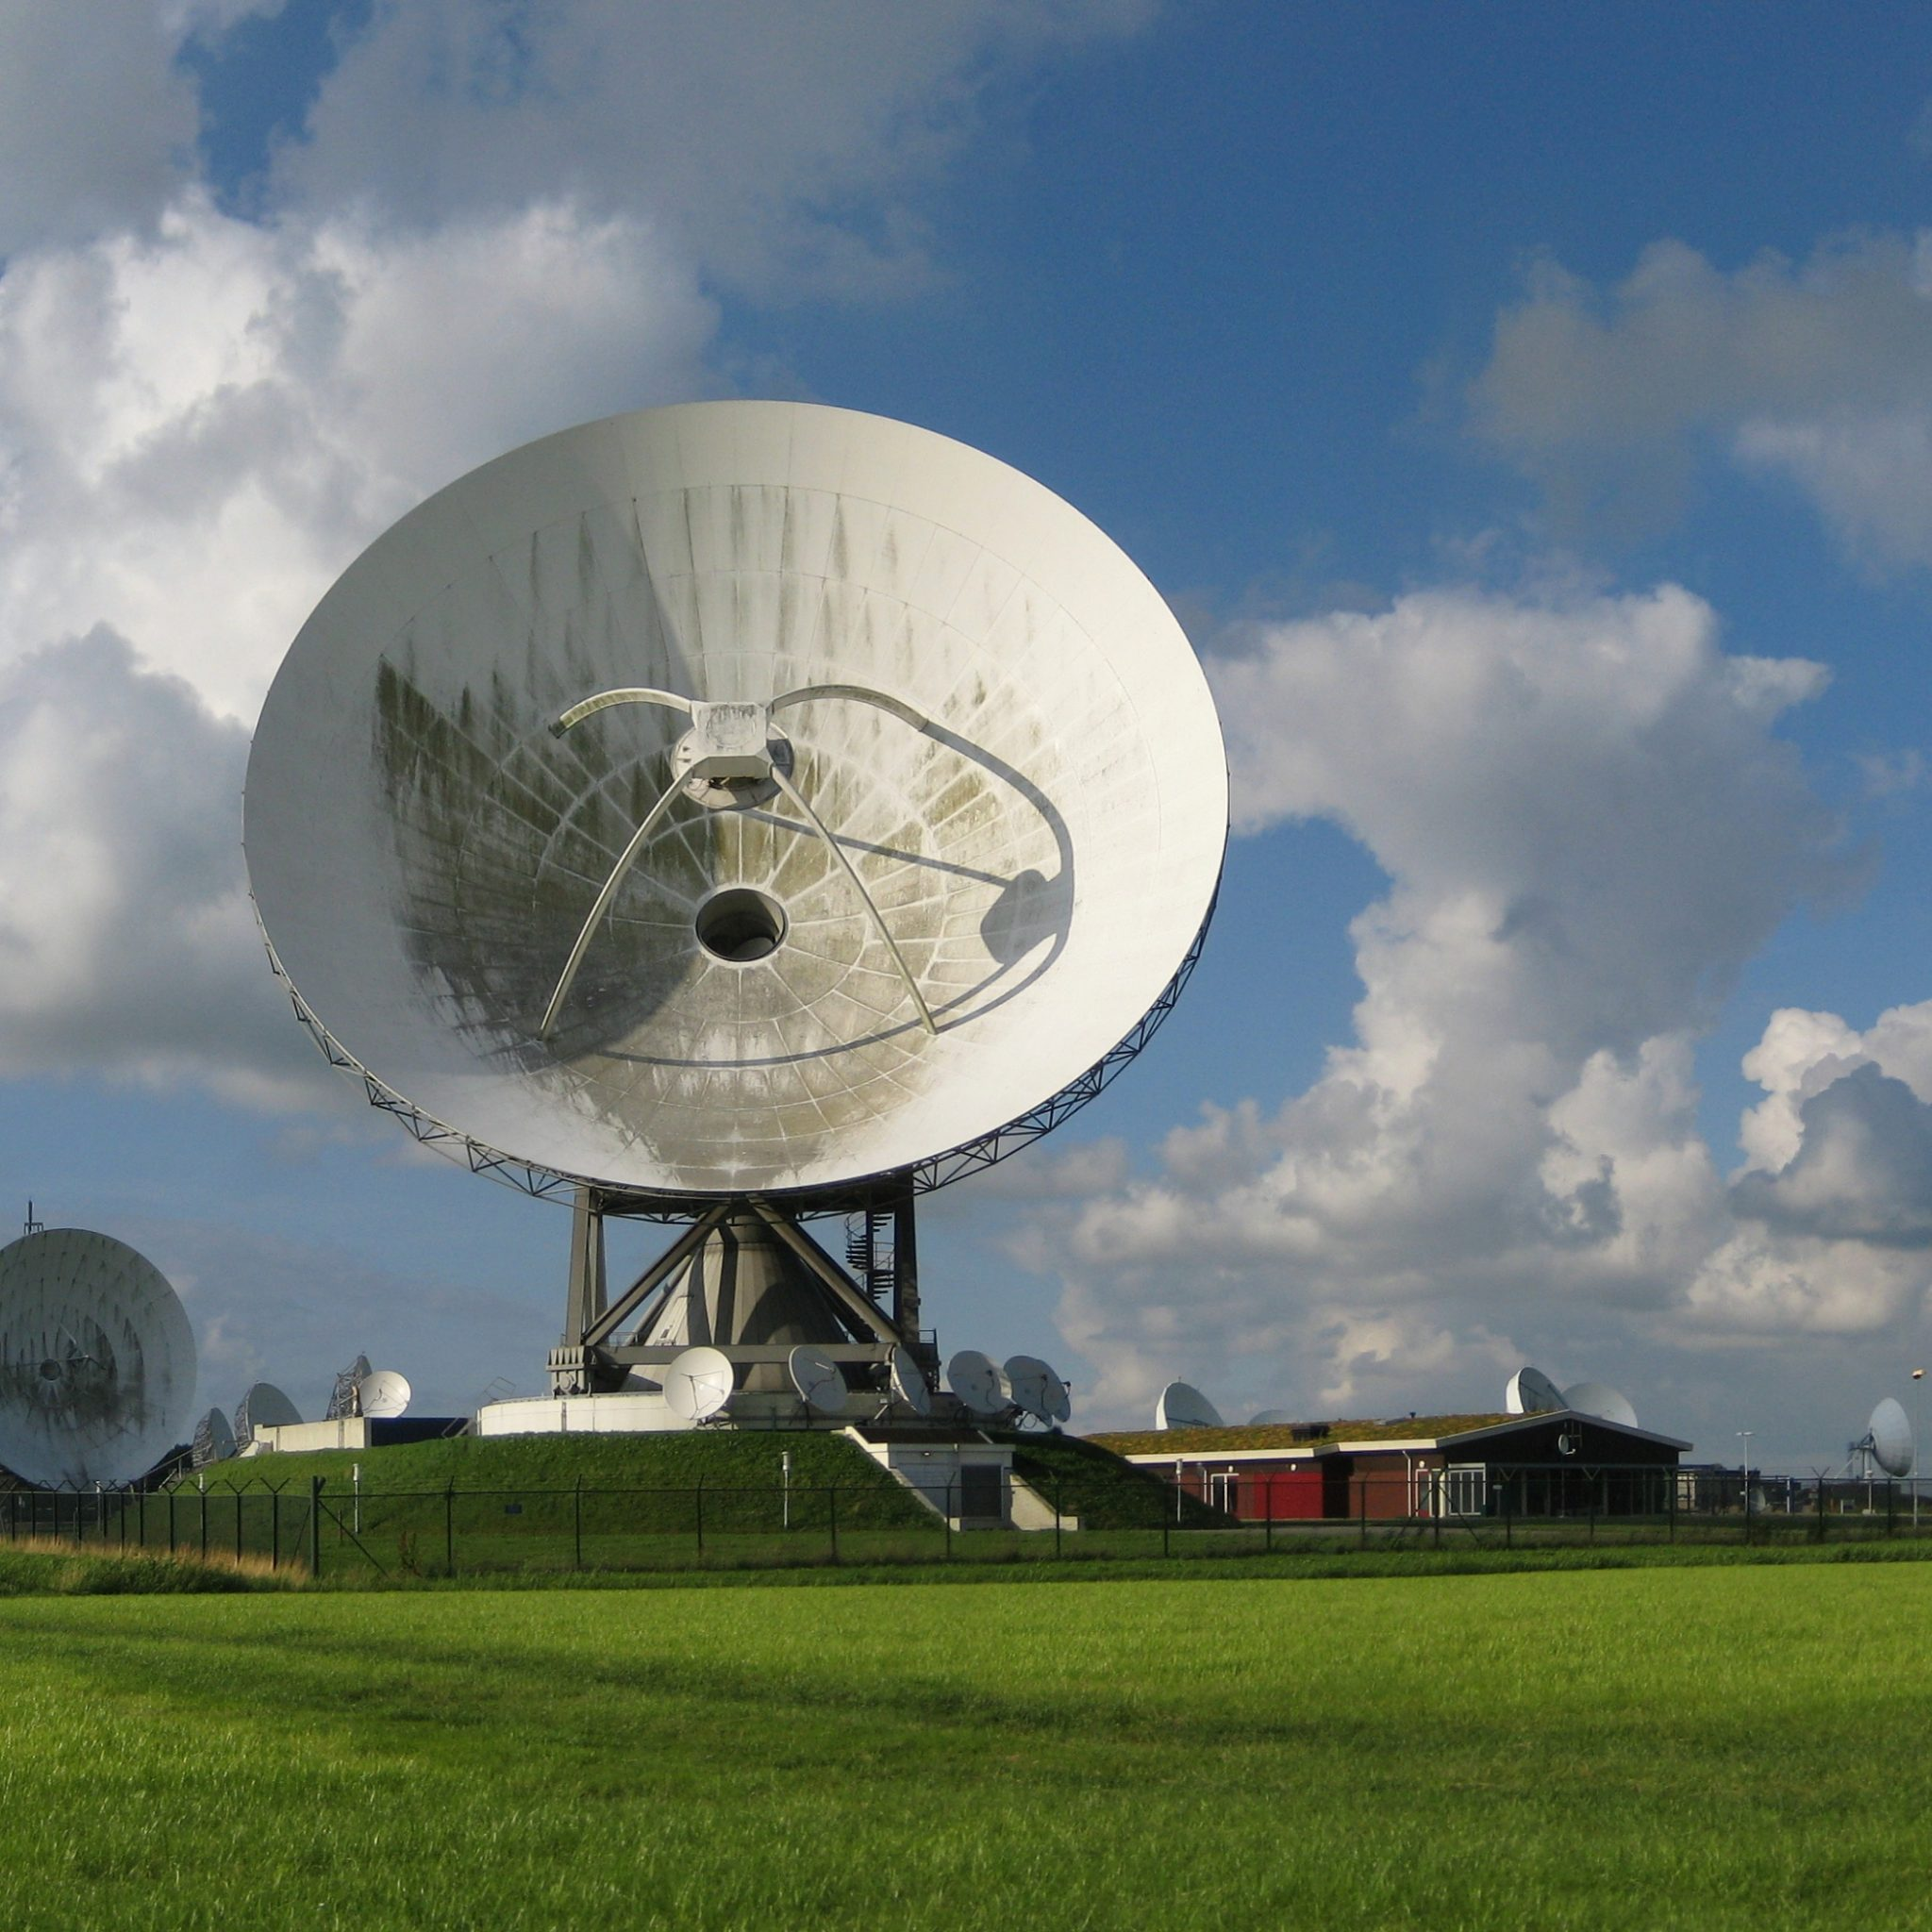 Grondstation in Burum, Friesland (Foto Wutsje / Wikipedia Commons)